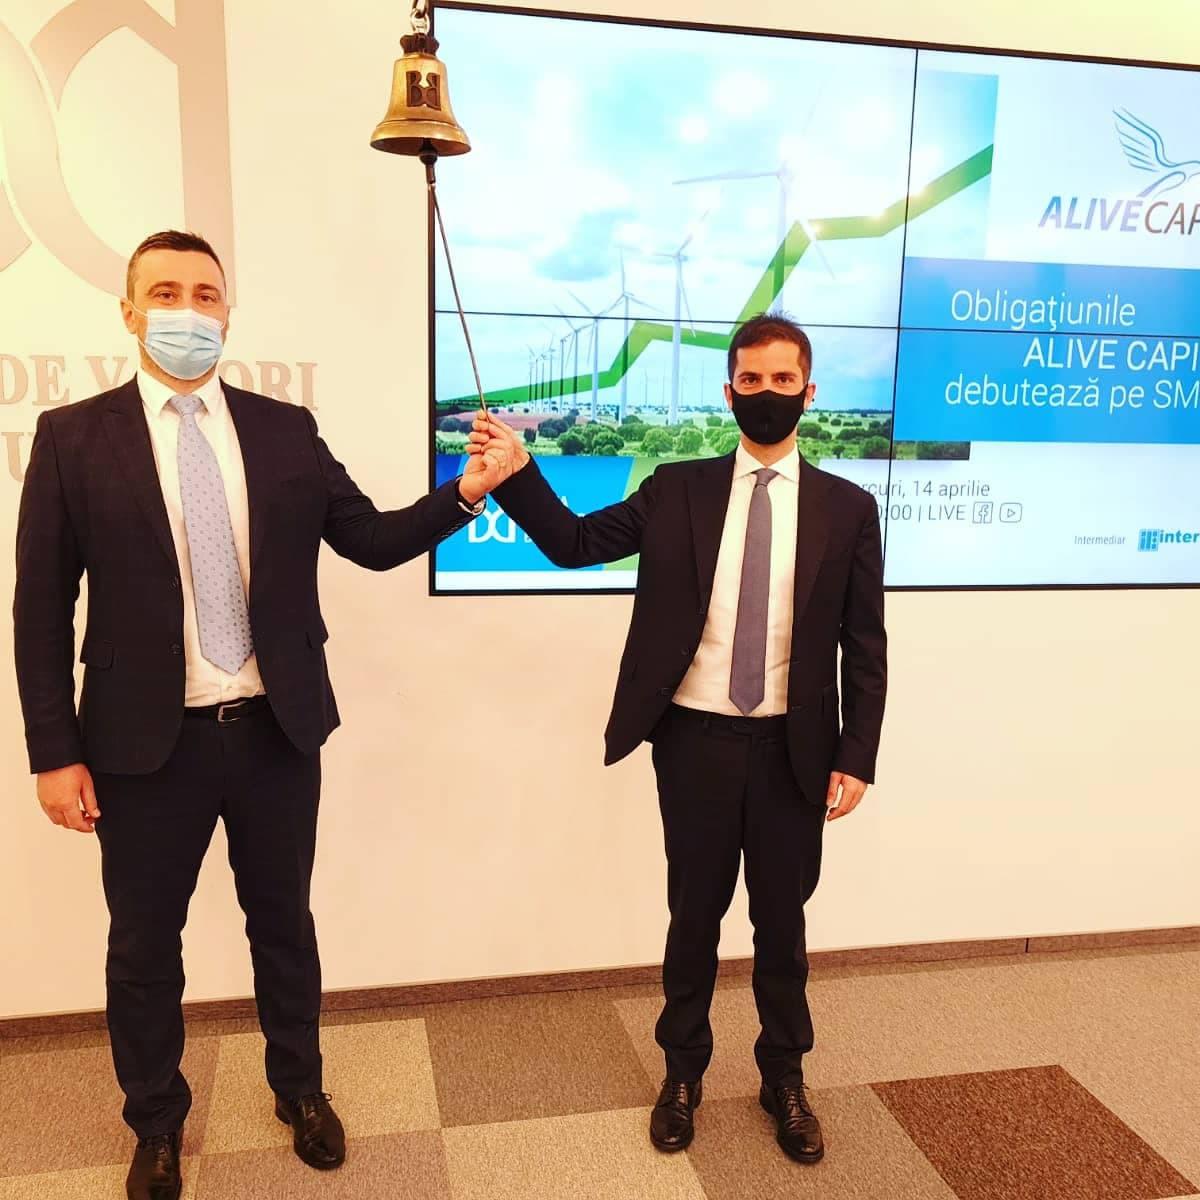 Furnizorul de energie Alive Capital a listat obligațiuni de 10 mil. lei la Bursa de Valori București